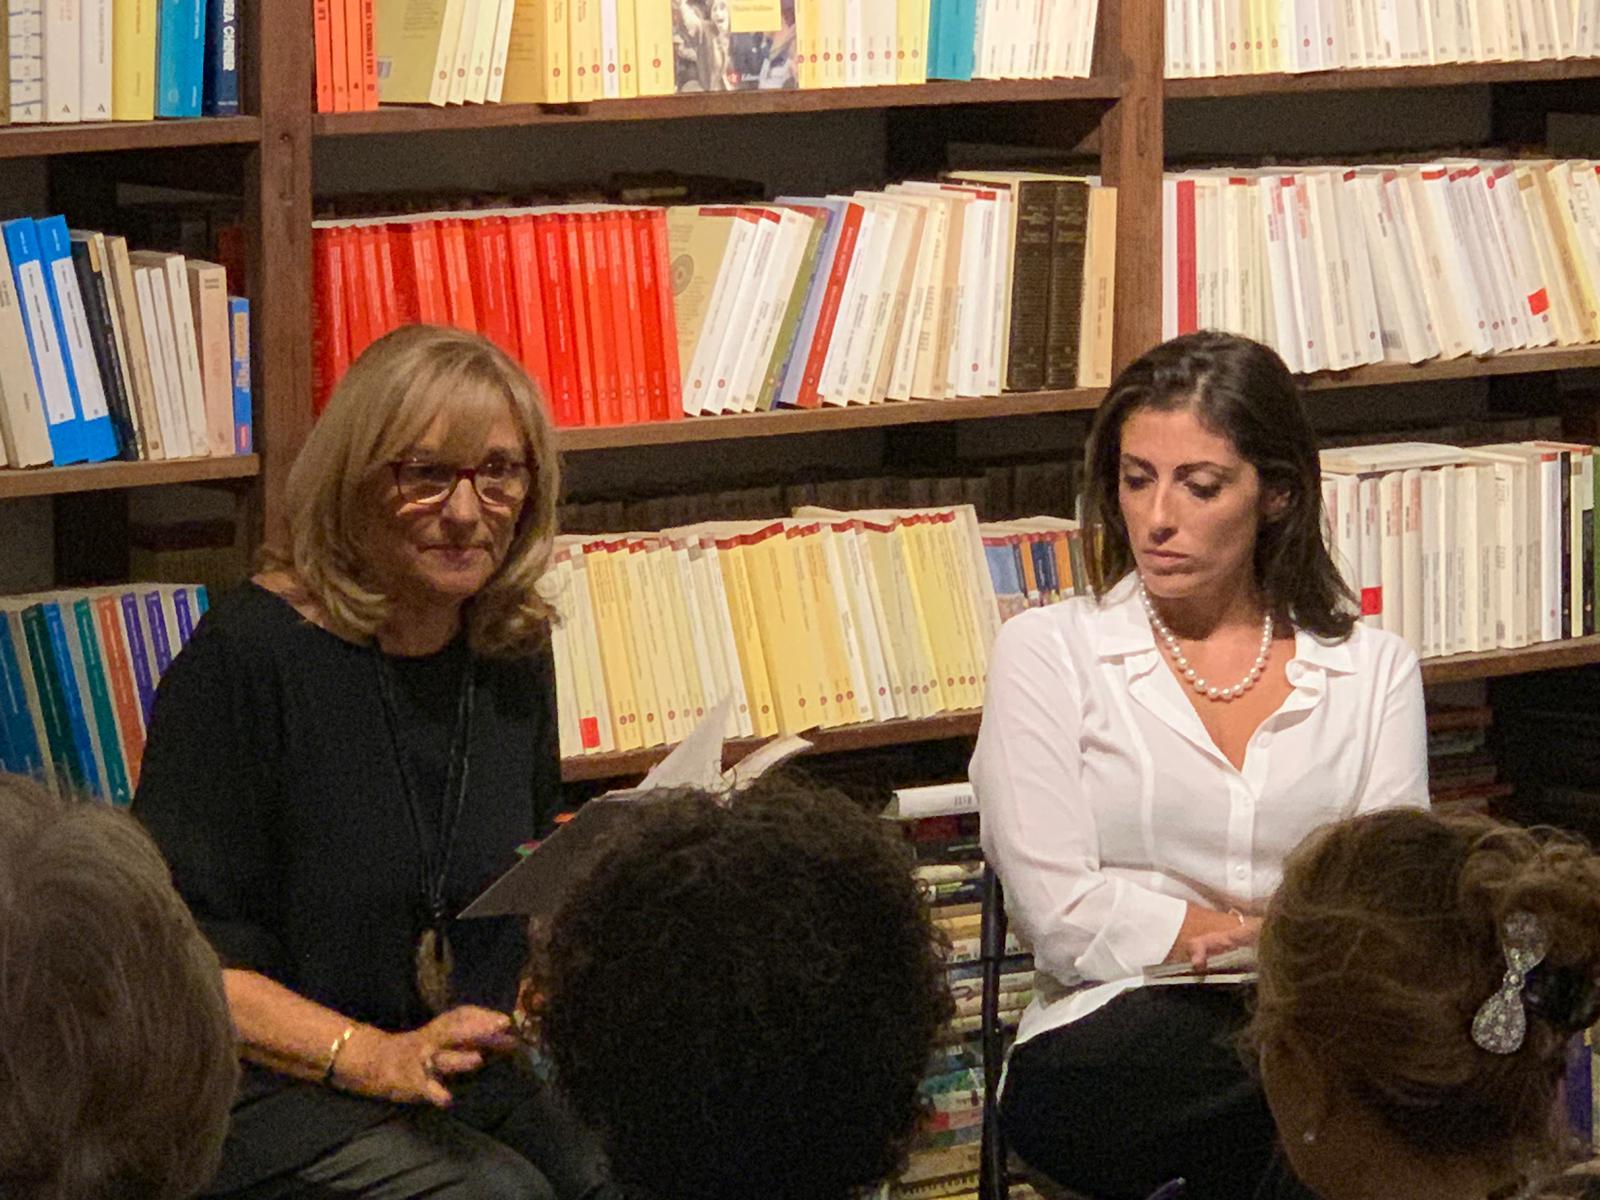 """Costanza DiQuattro con il suo libro """"La mia casa di Montalbano"""" ha fatto tappa a Siracusa: con lei i luoghi dell'anima e il gioco della rimembranza"""